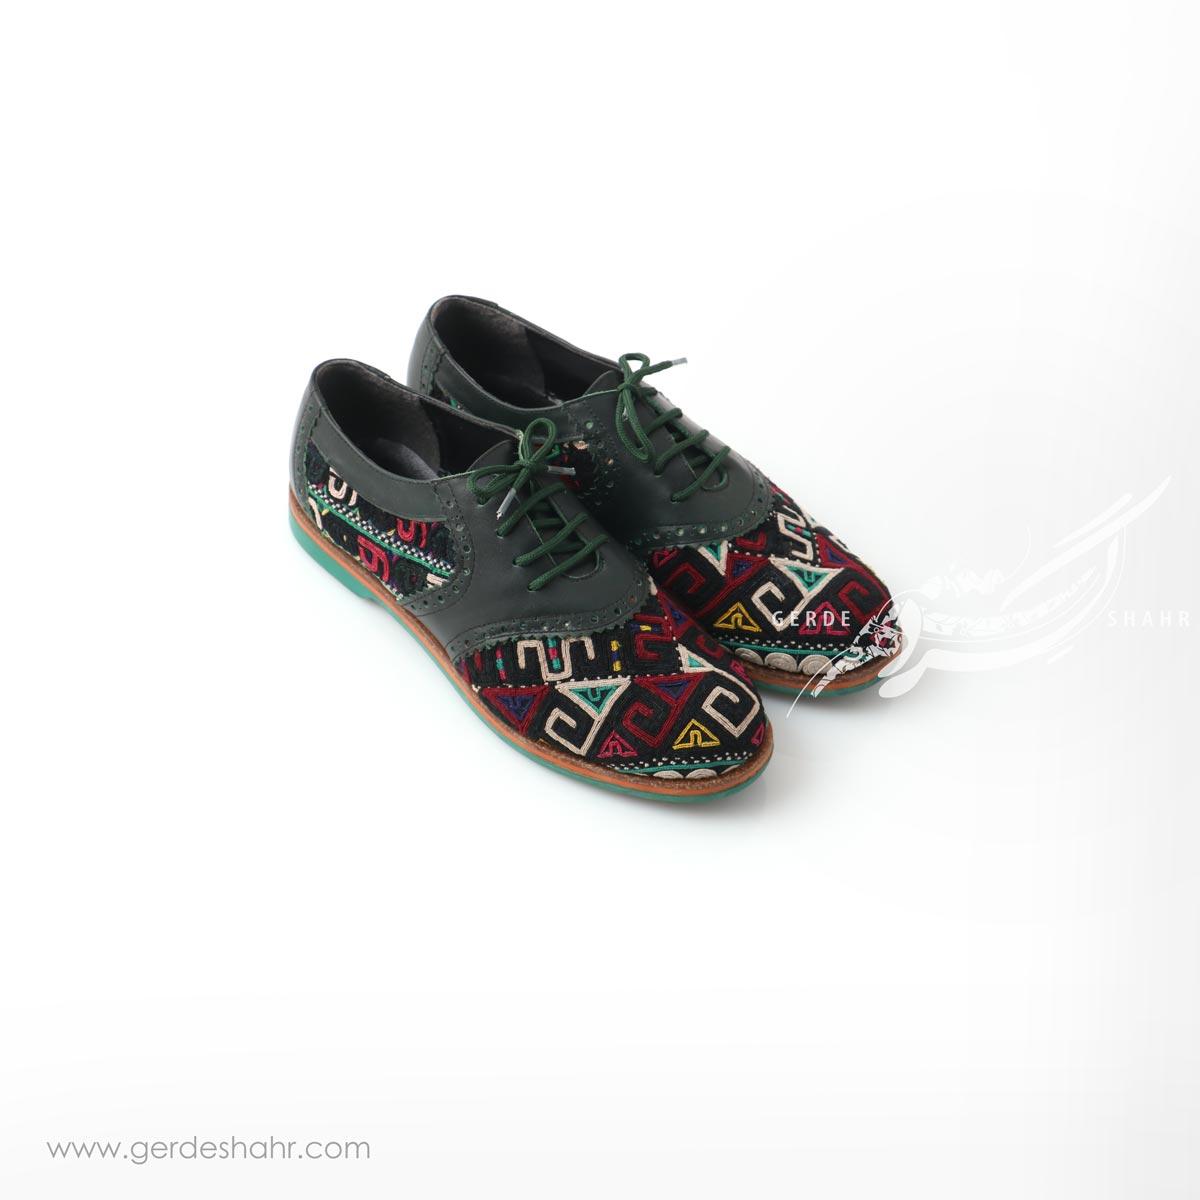 کفش دست دوز سبز یشمی تیره سوزندوزی سایز 38 چاوان گنجه رخت